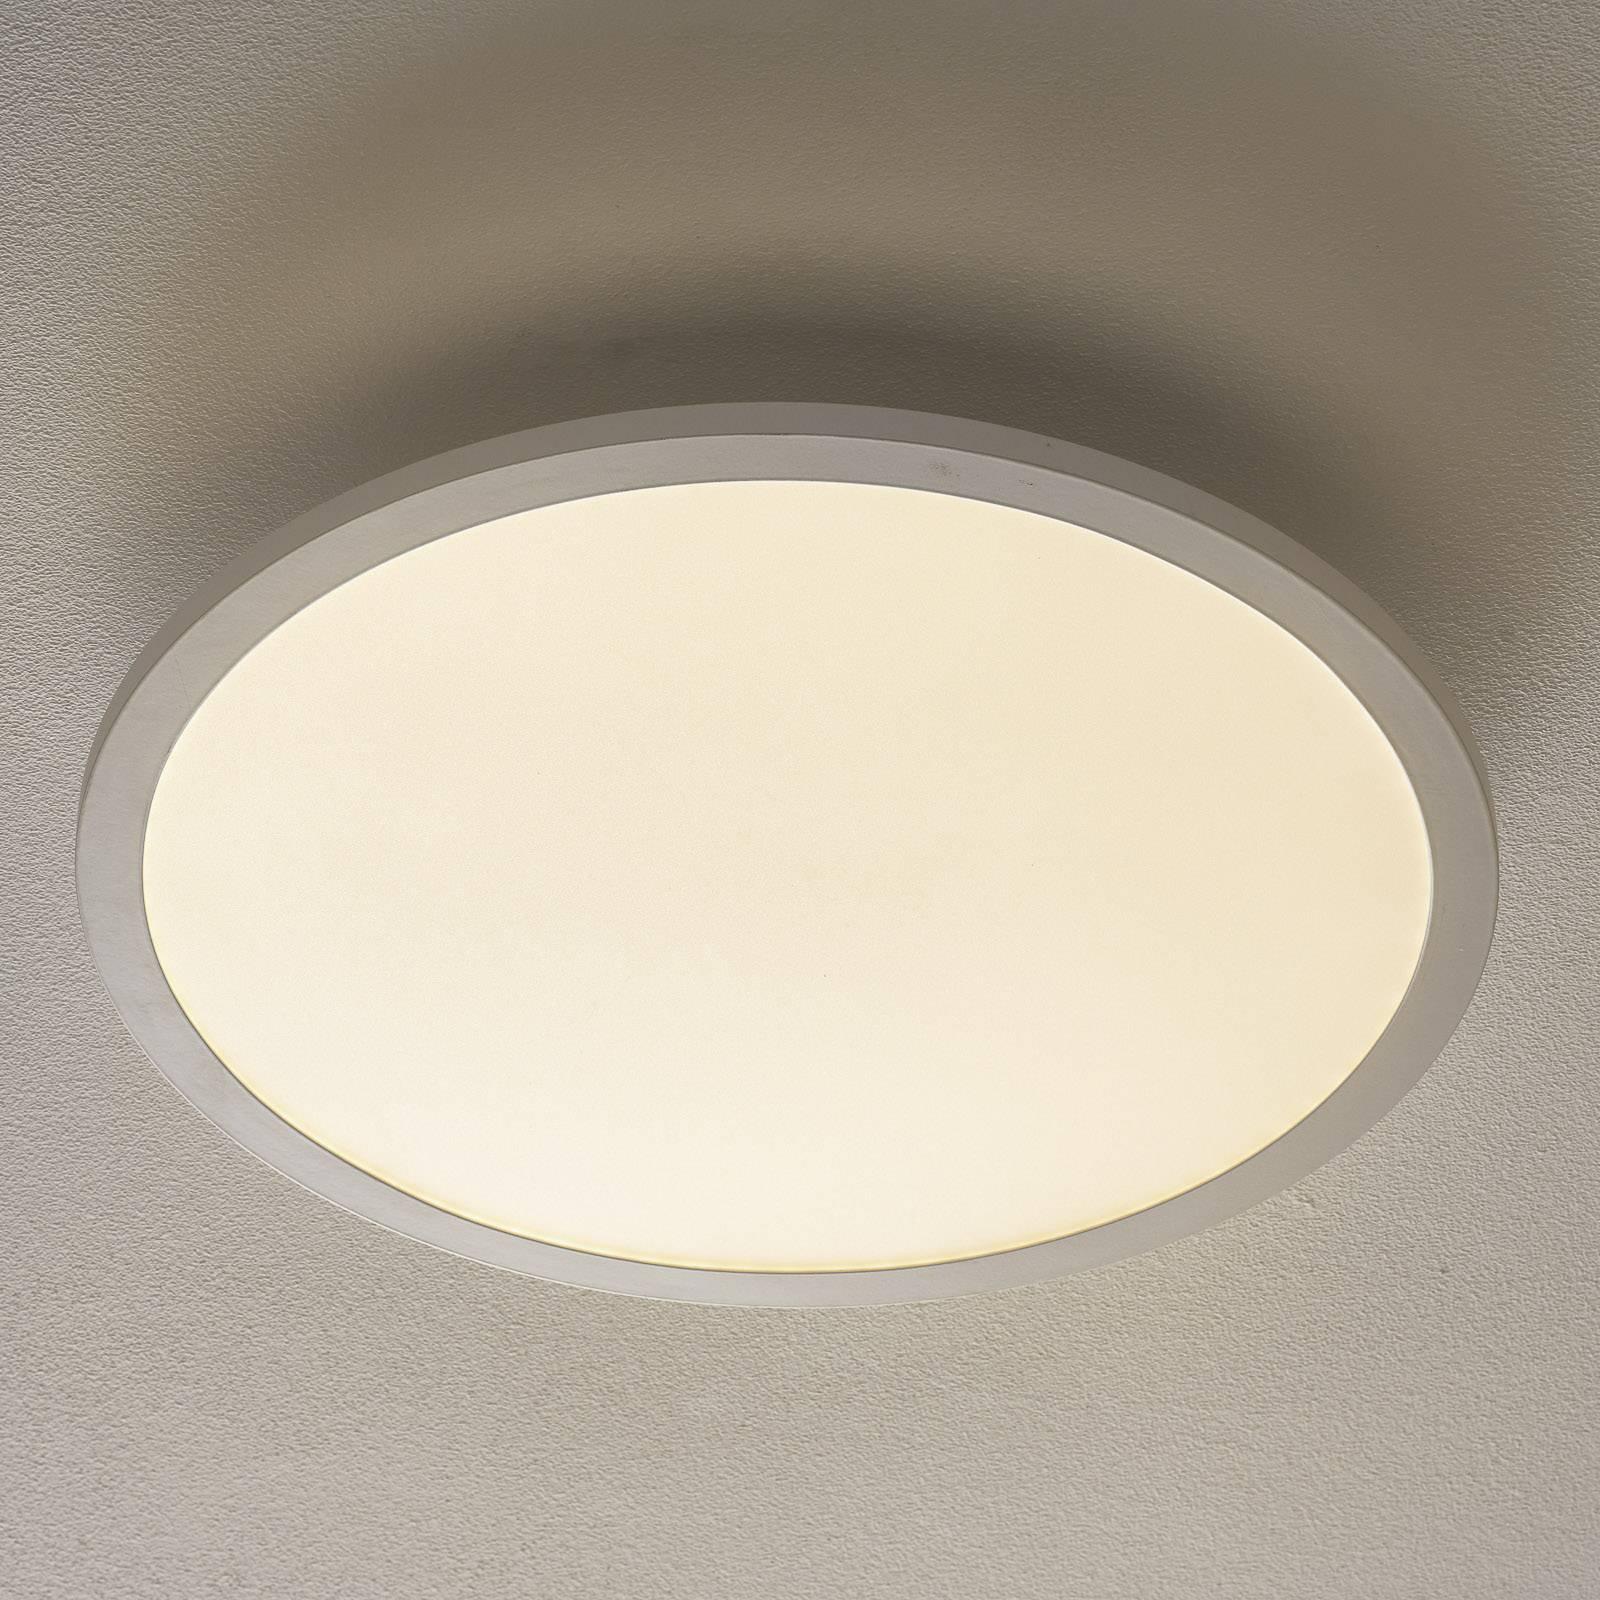 EGLO connect Sarsina-C LED-taklampe, 45 cm